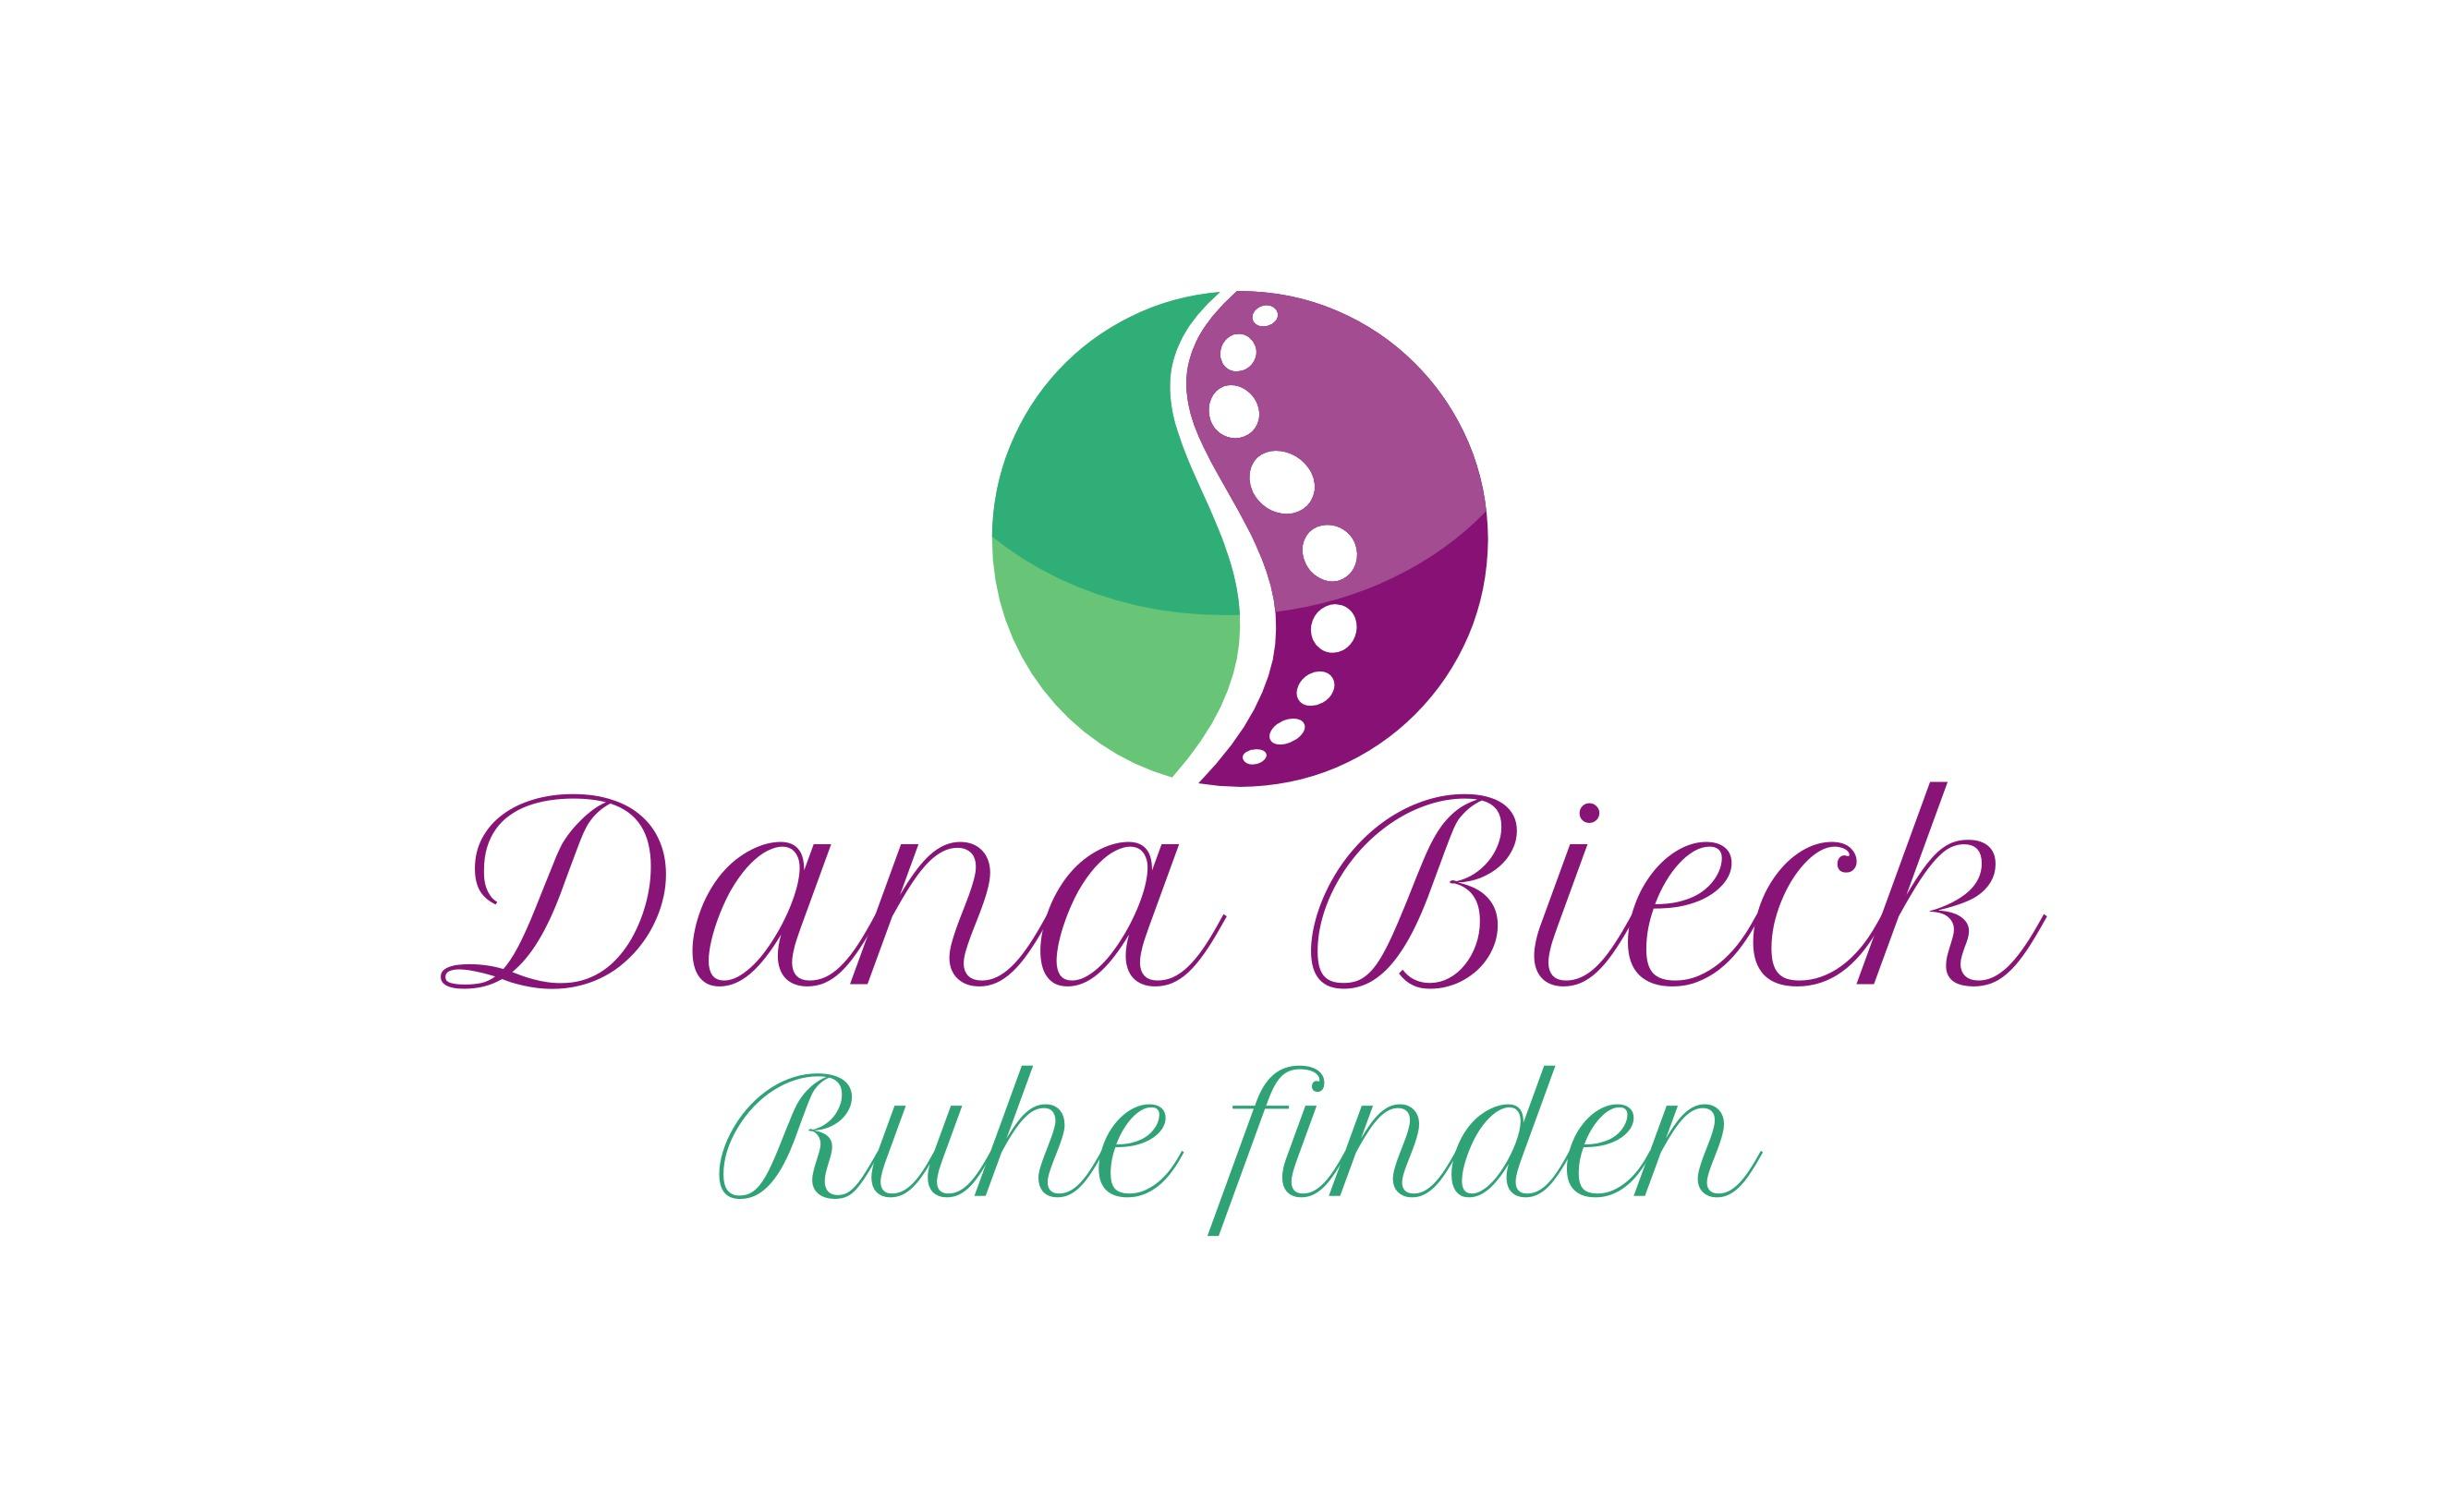 Dana Bieck Ruhe finden